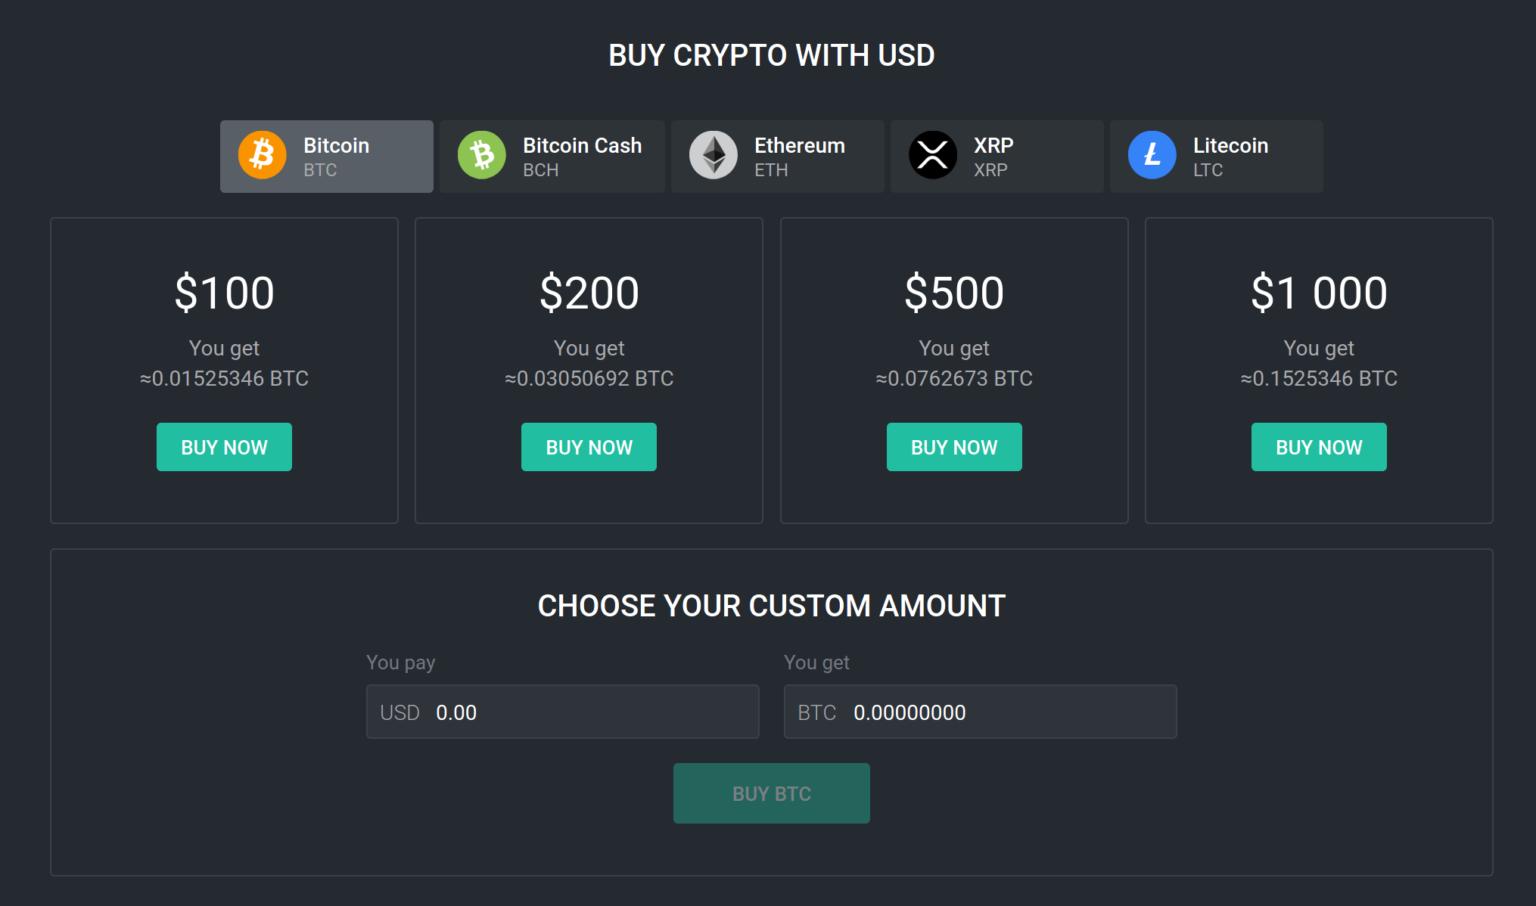 acheter du bitcoin avec USD